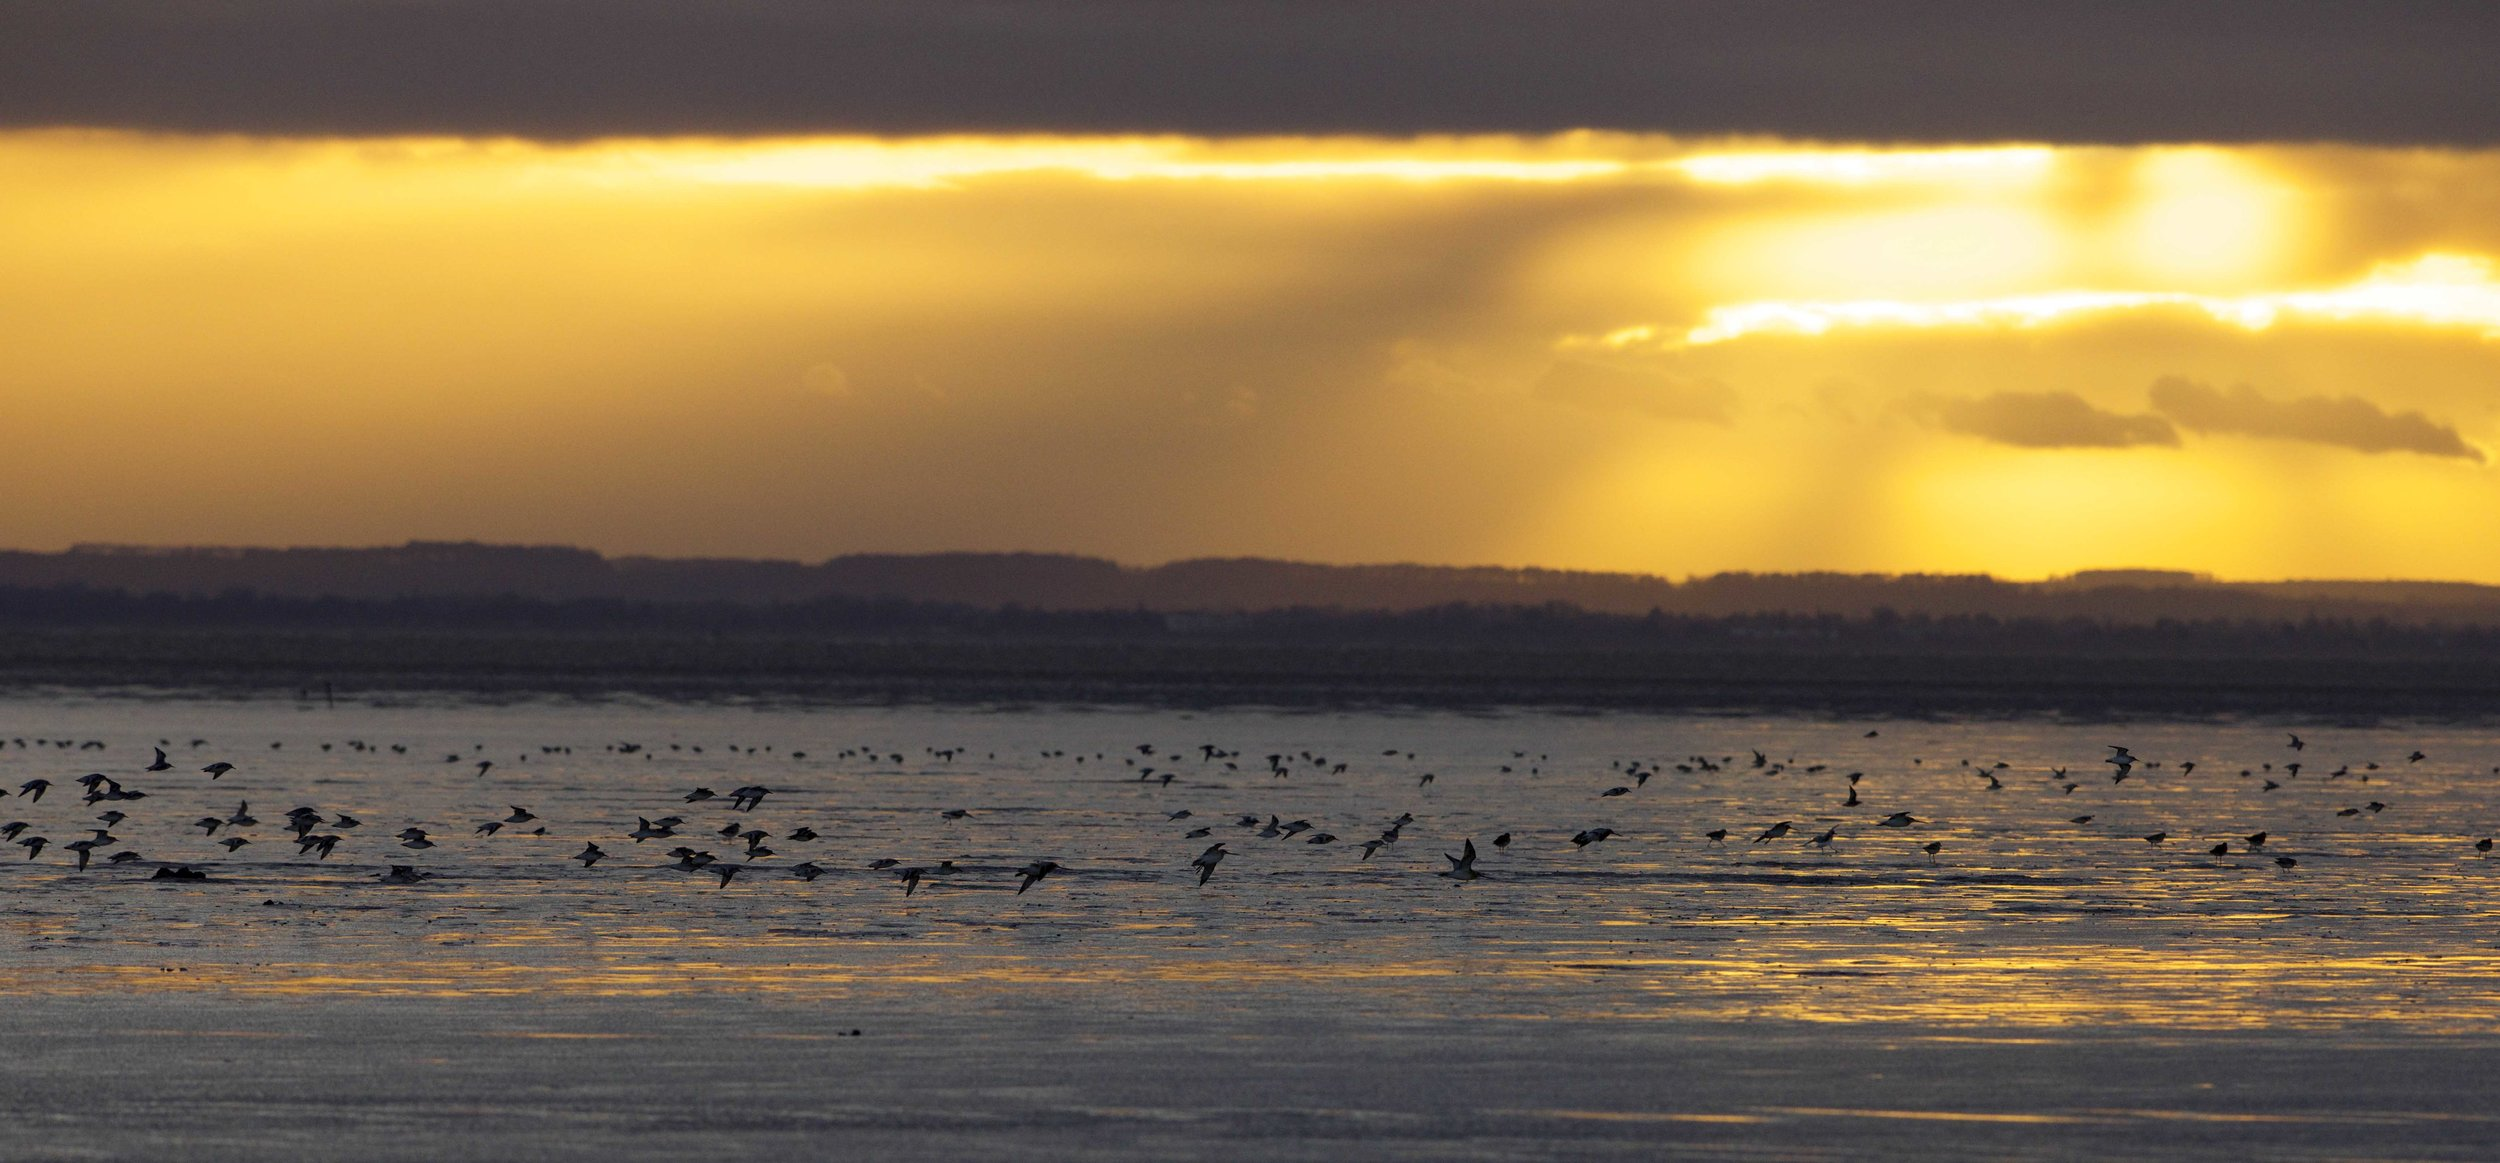 Waders at Kilnsea